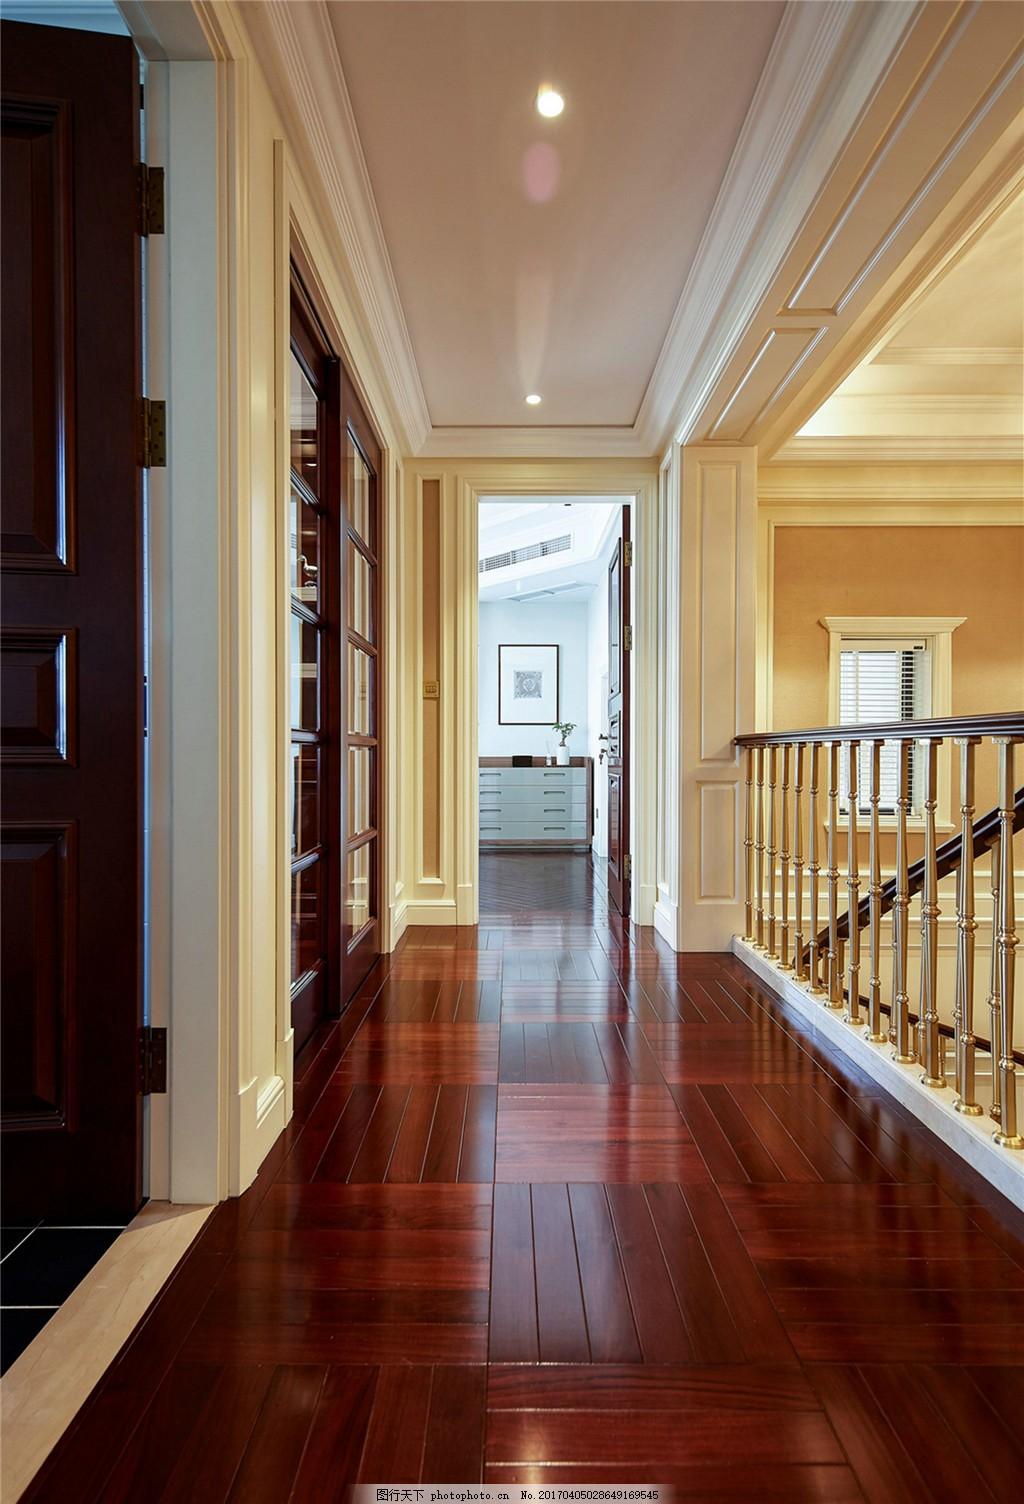 室内设计 家装效果图 走廊 木质扶手 暗红地板 小长方形 米白色调